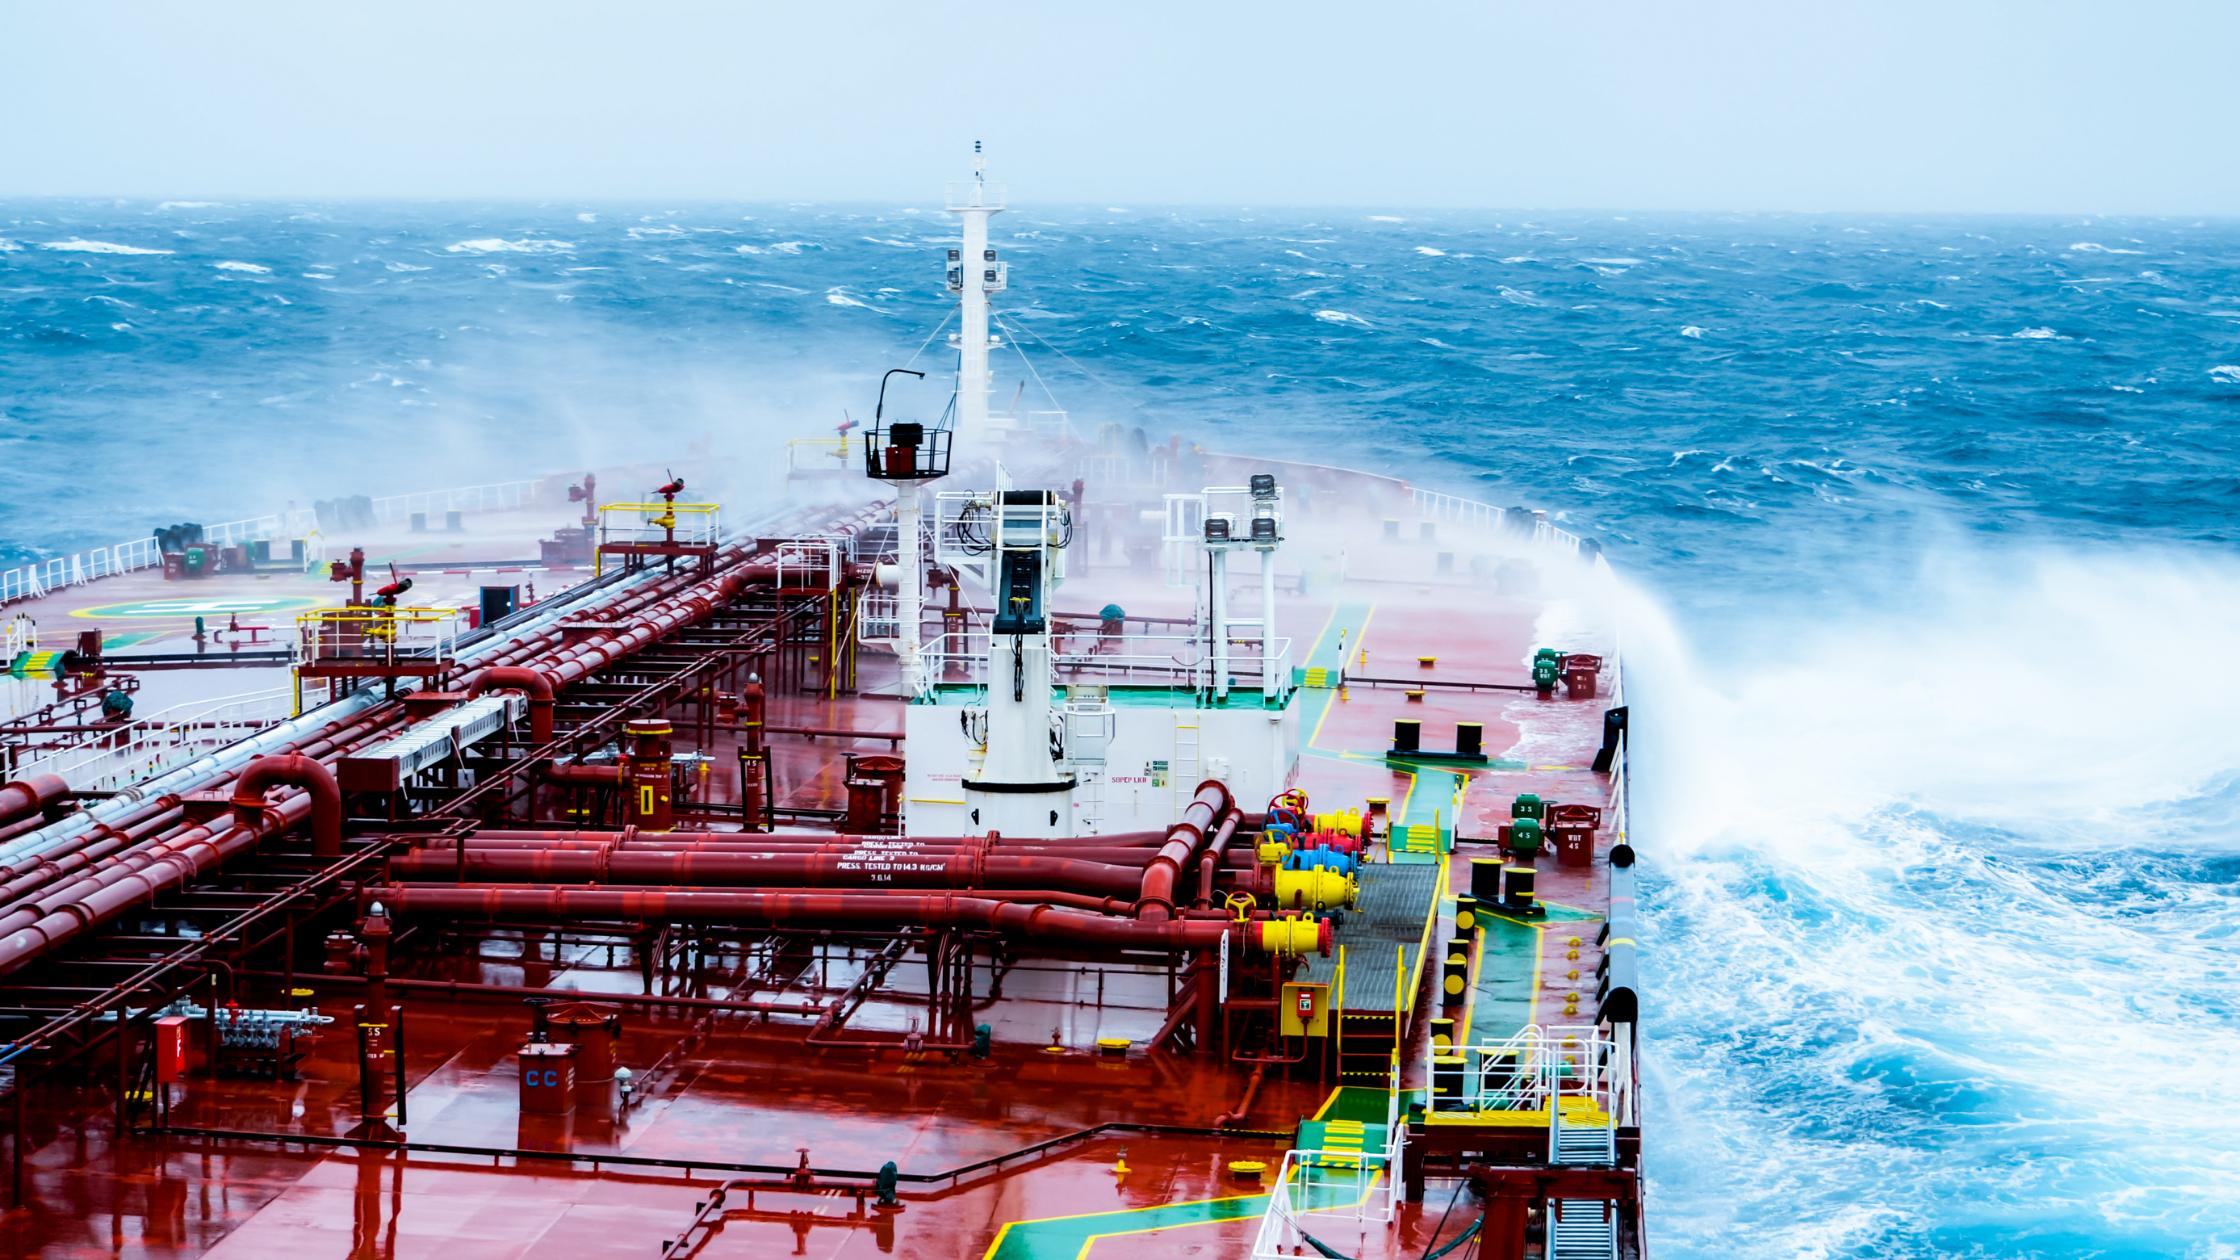 Celebrating World Maritime Day